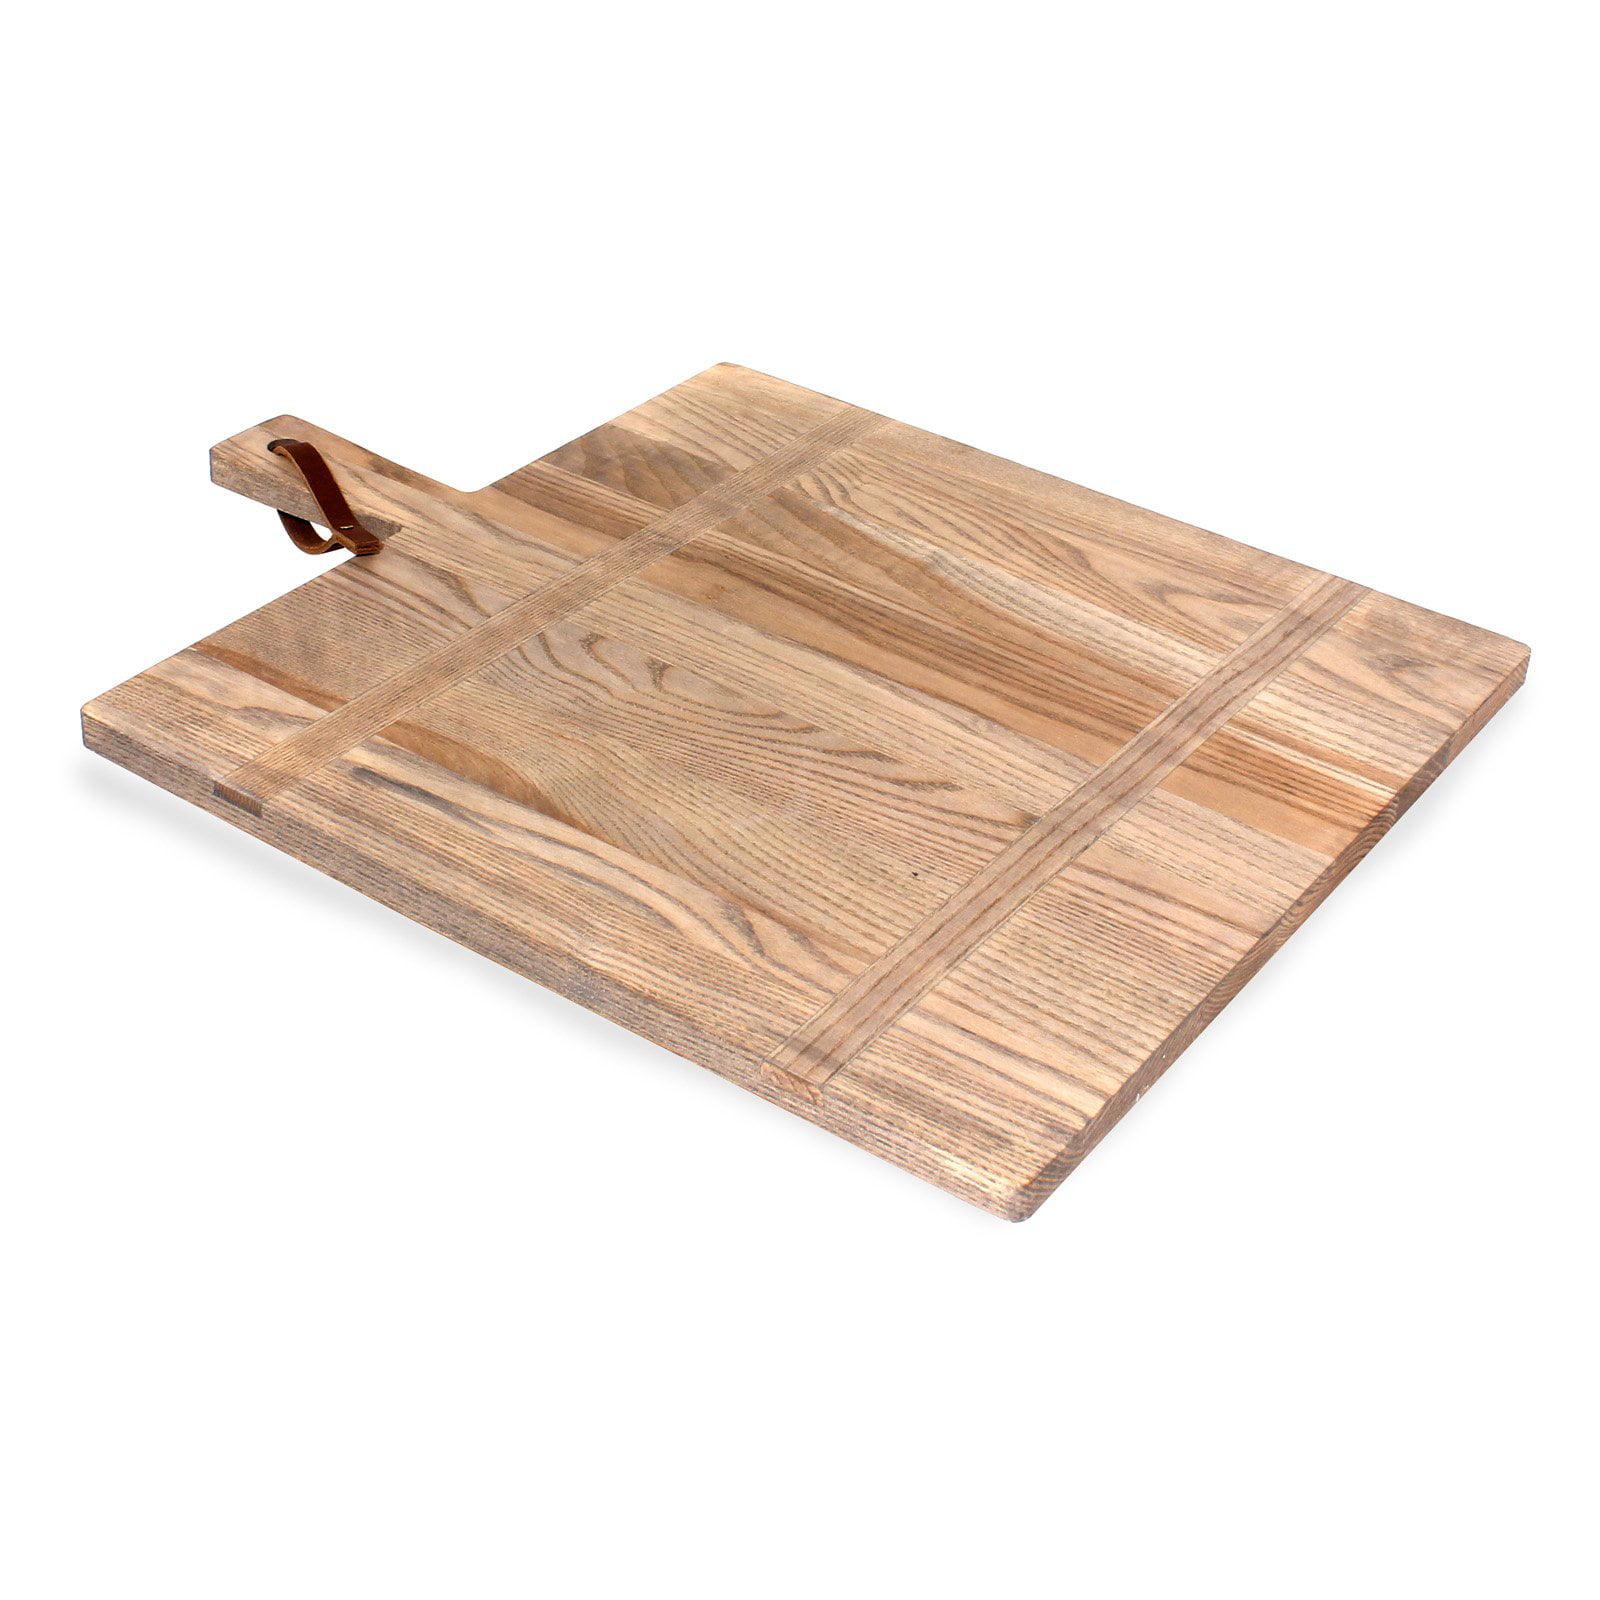 J K Adams 1761 Square Shaped Cutting Board